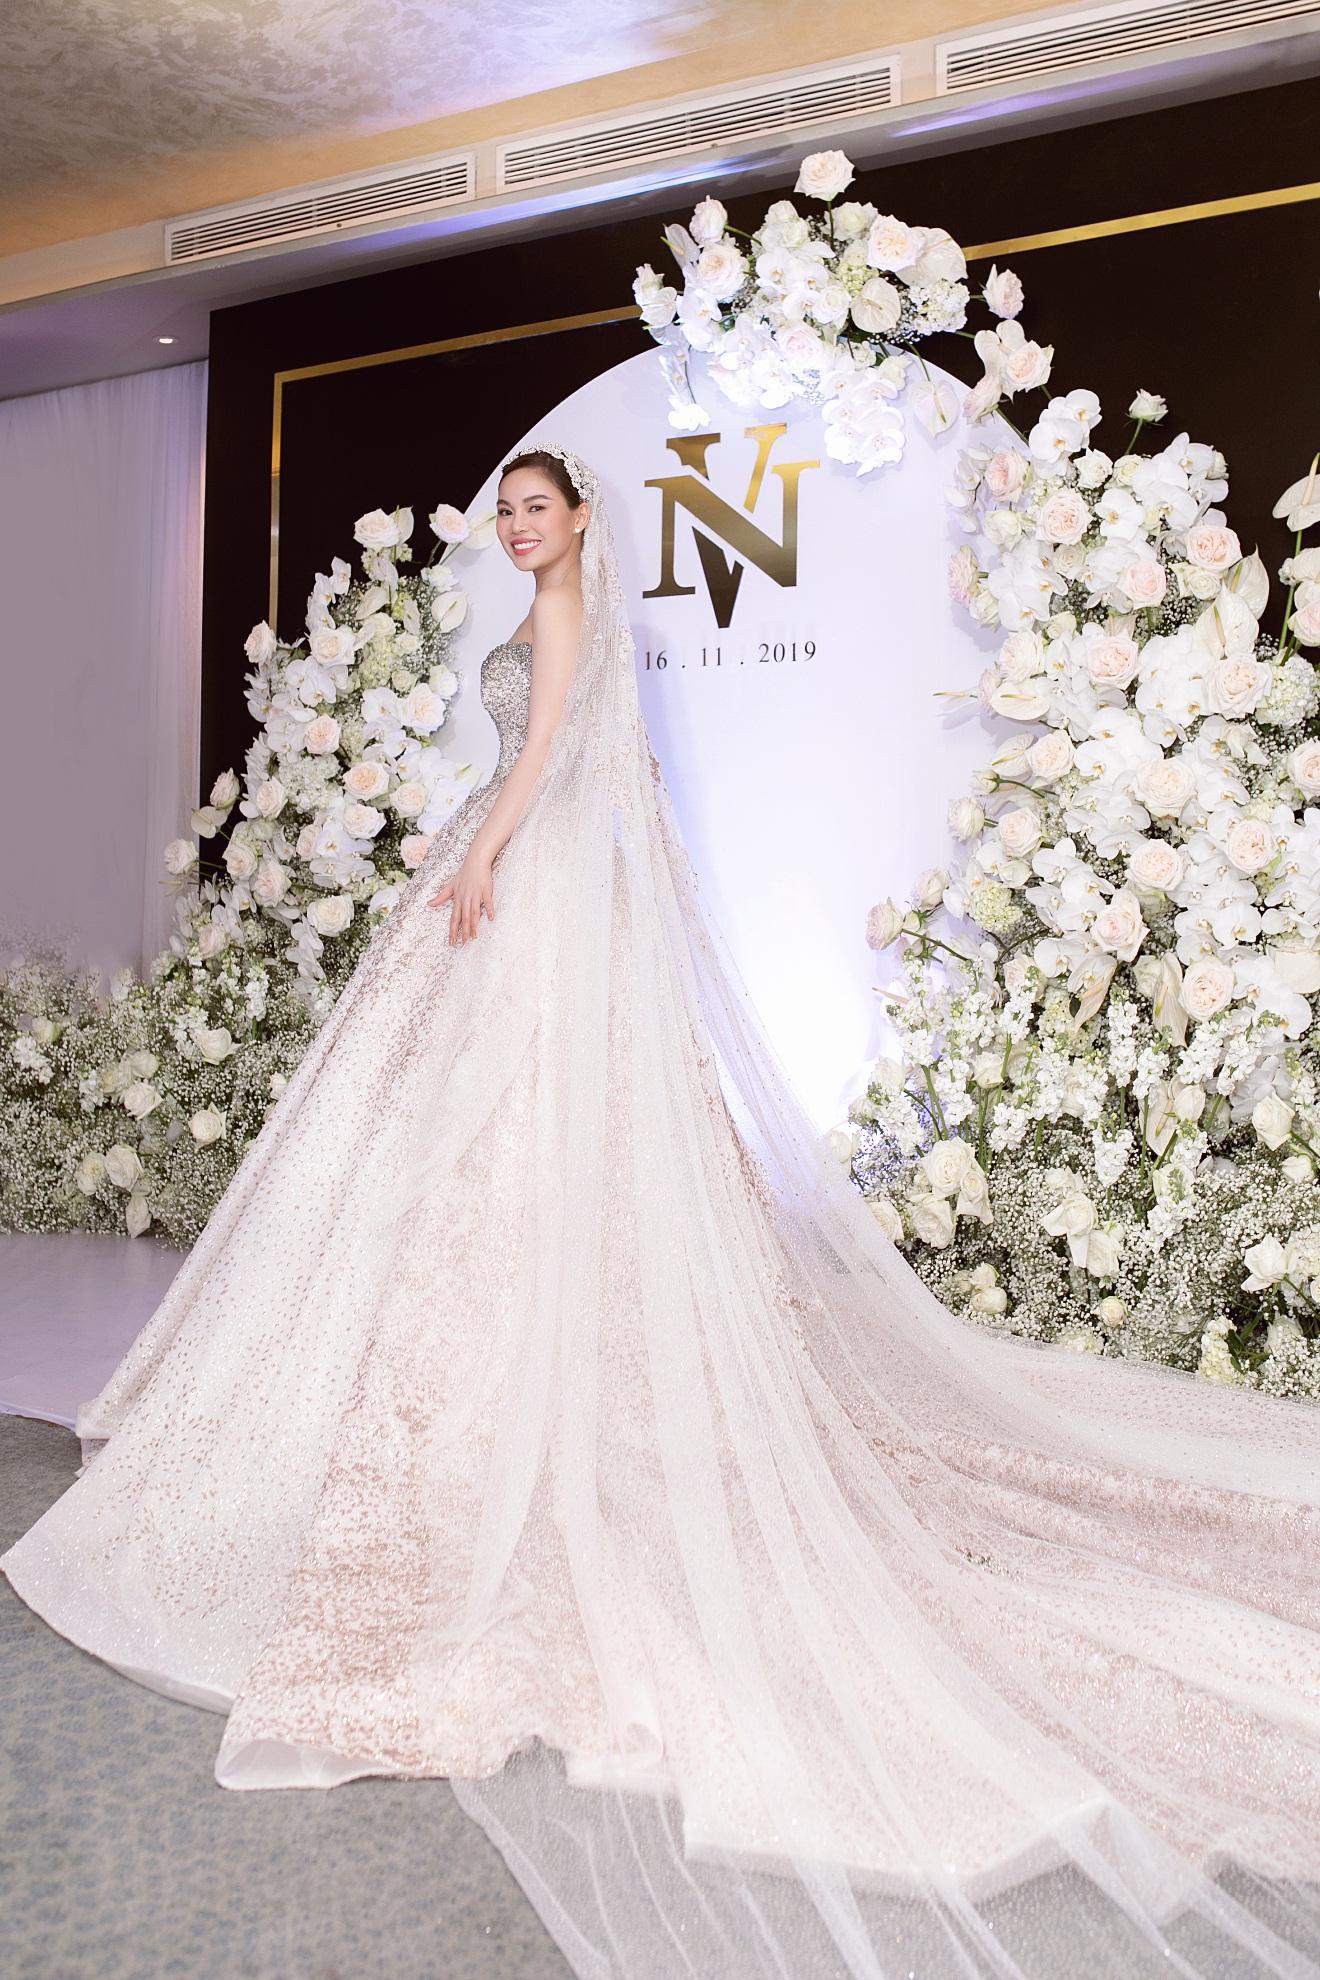 Ba mẫu váy cưới Hacchic Couture thực hiện cho Giang Hồng Ngọc kèm thông điệp ý nghĩa bất ngờ - Ảnh 7.